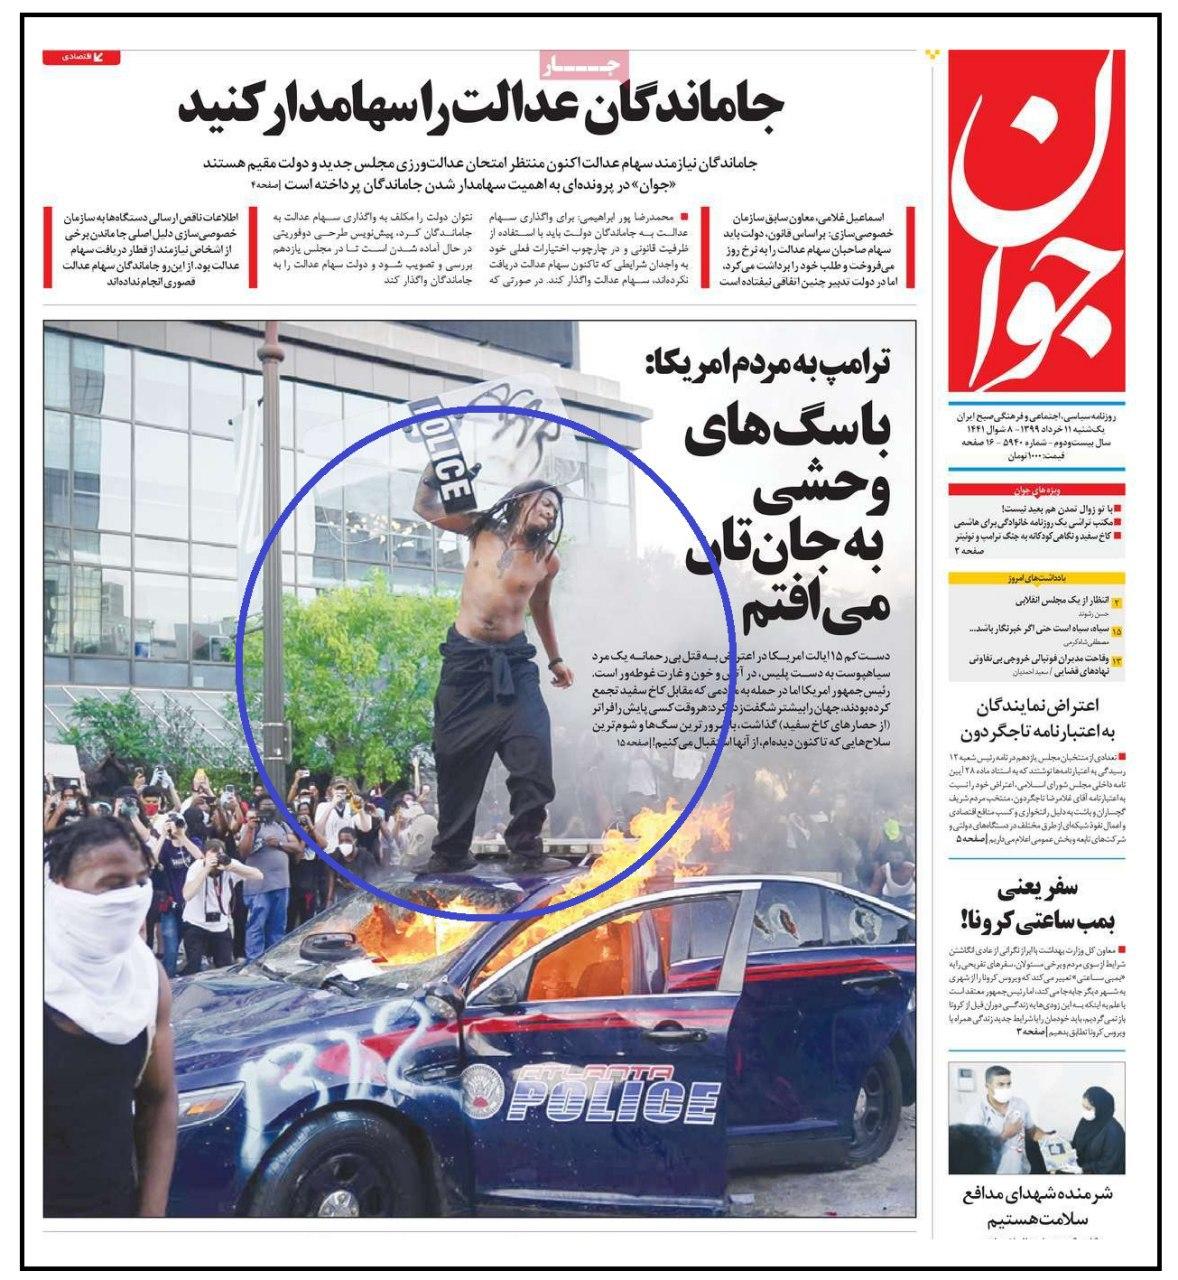 انتشار تصویر برهنه یک مرد در روزنامهی اصولگرا